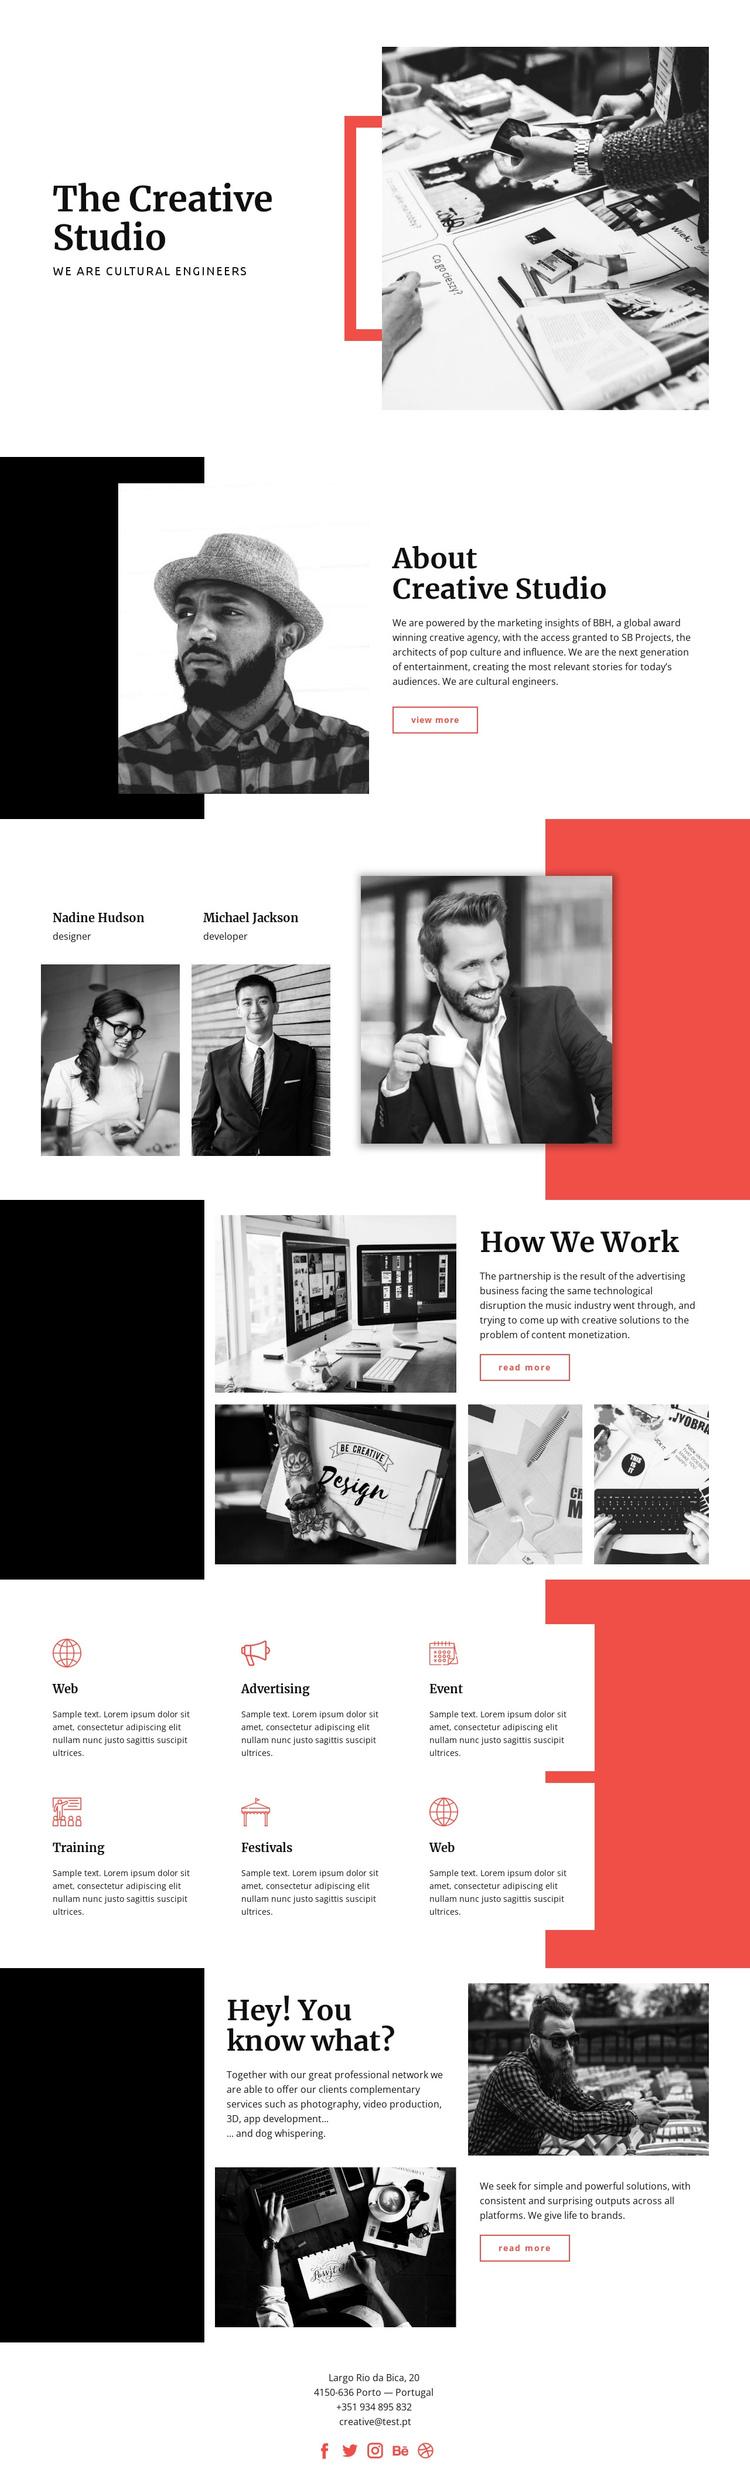 The Creative Studio Website Builder Software